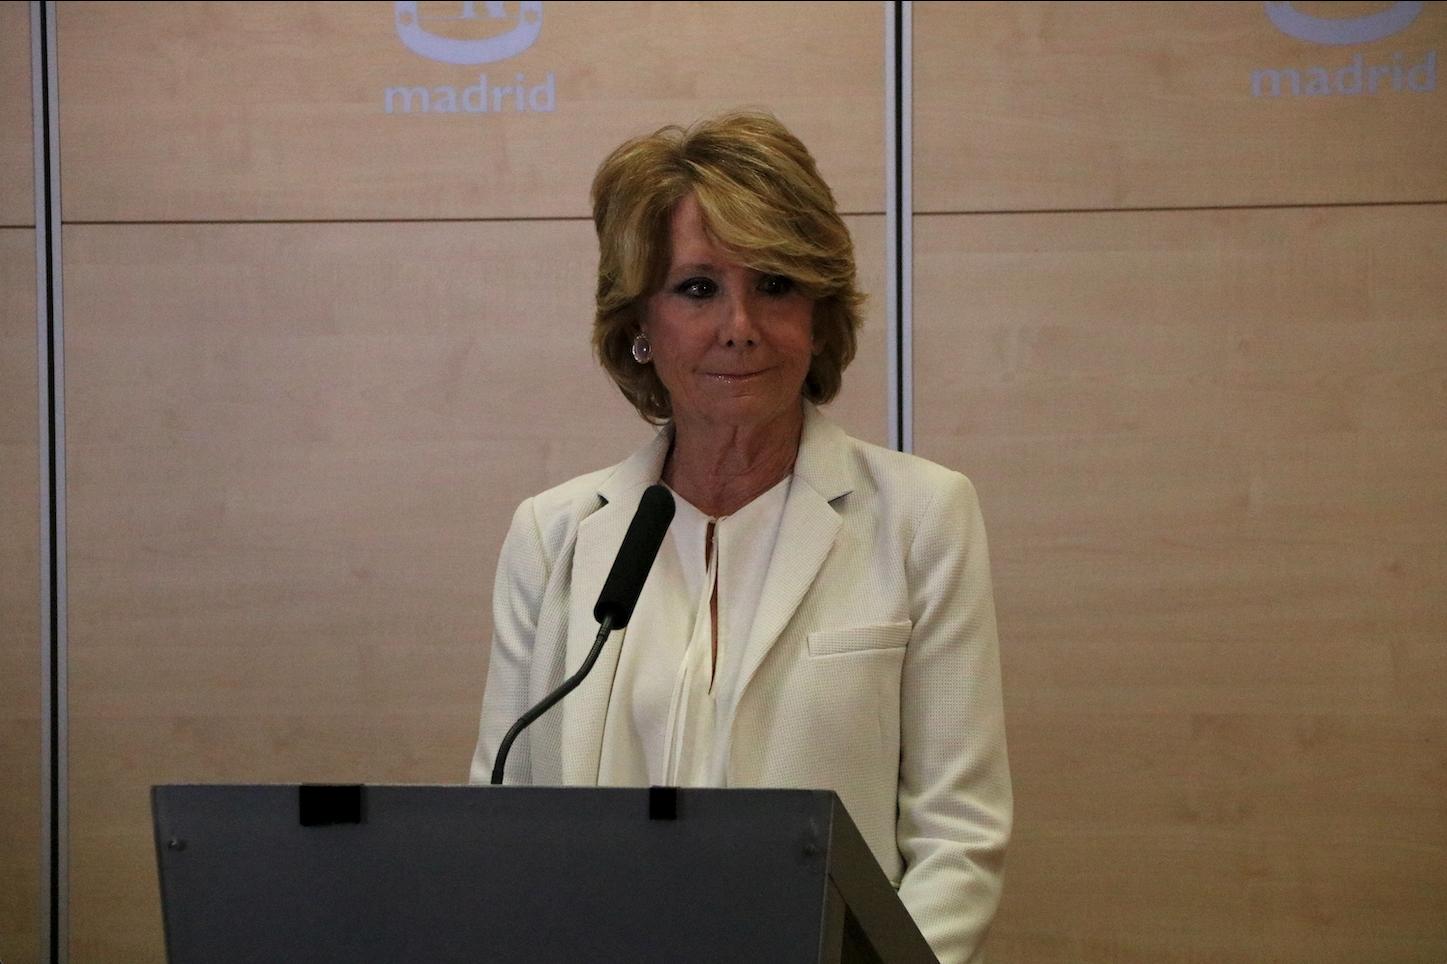 L'expresidenta de la Comunidad de Madrid, Esperanza Aguirre, en una imatge d'arxiu | ACN